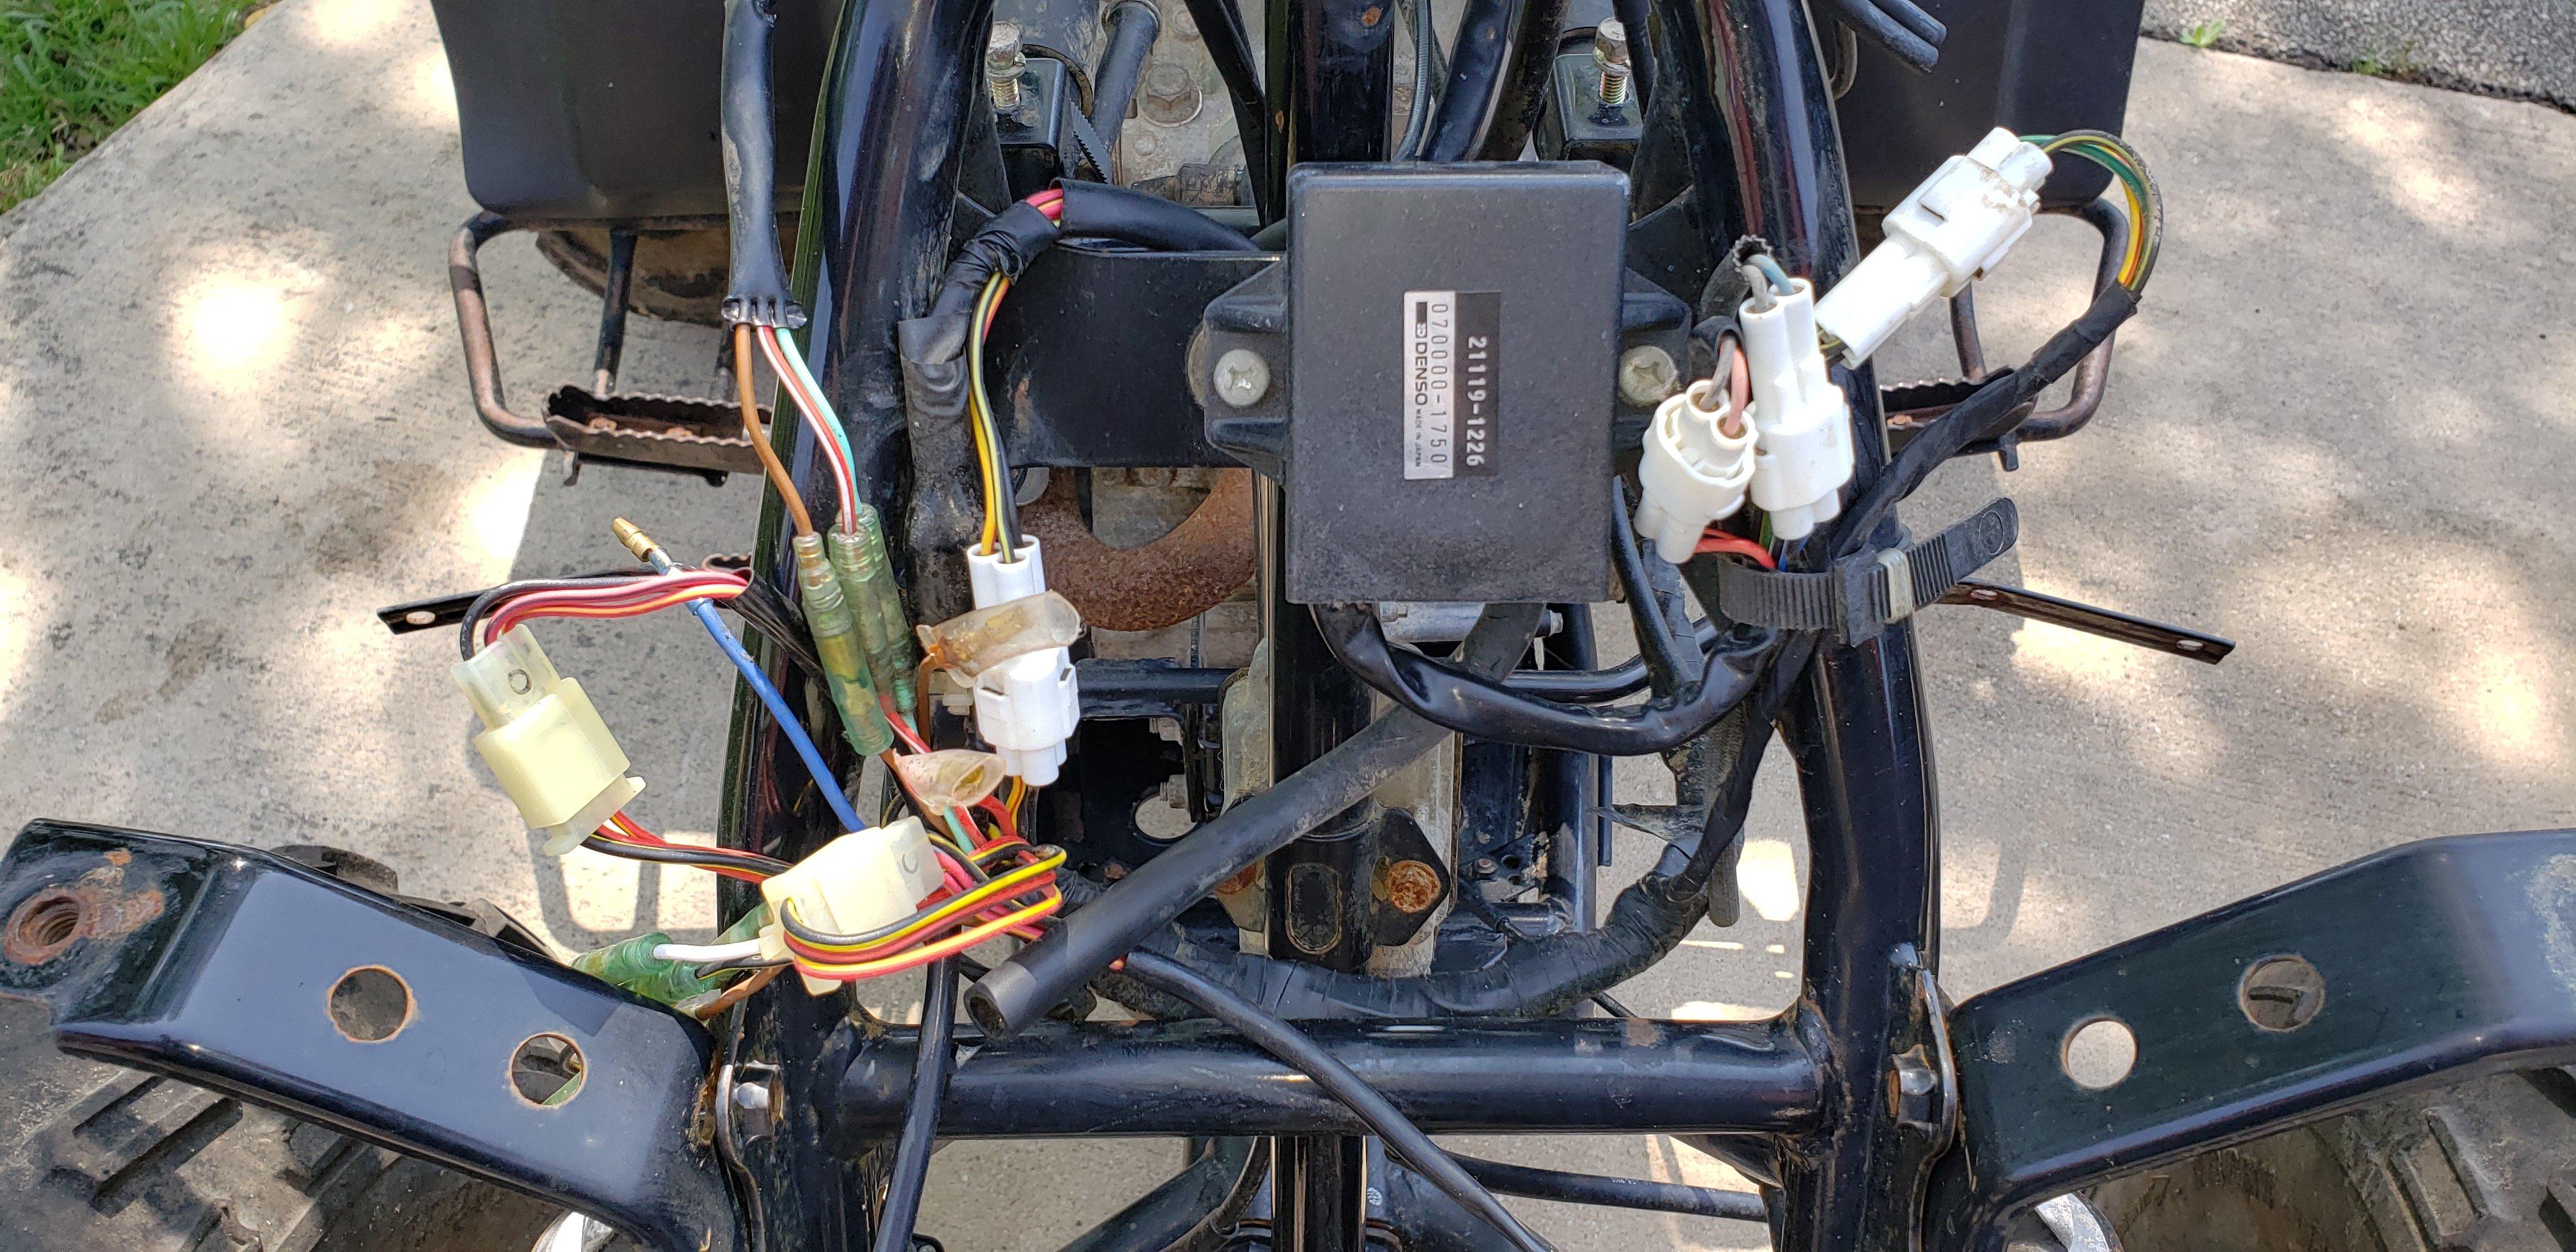 bayou 220 no power at ign. switch or coil, lights etc - kawasaki atv  forum - quadcrazy  quadcrazy